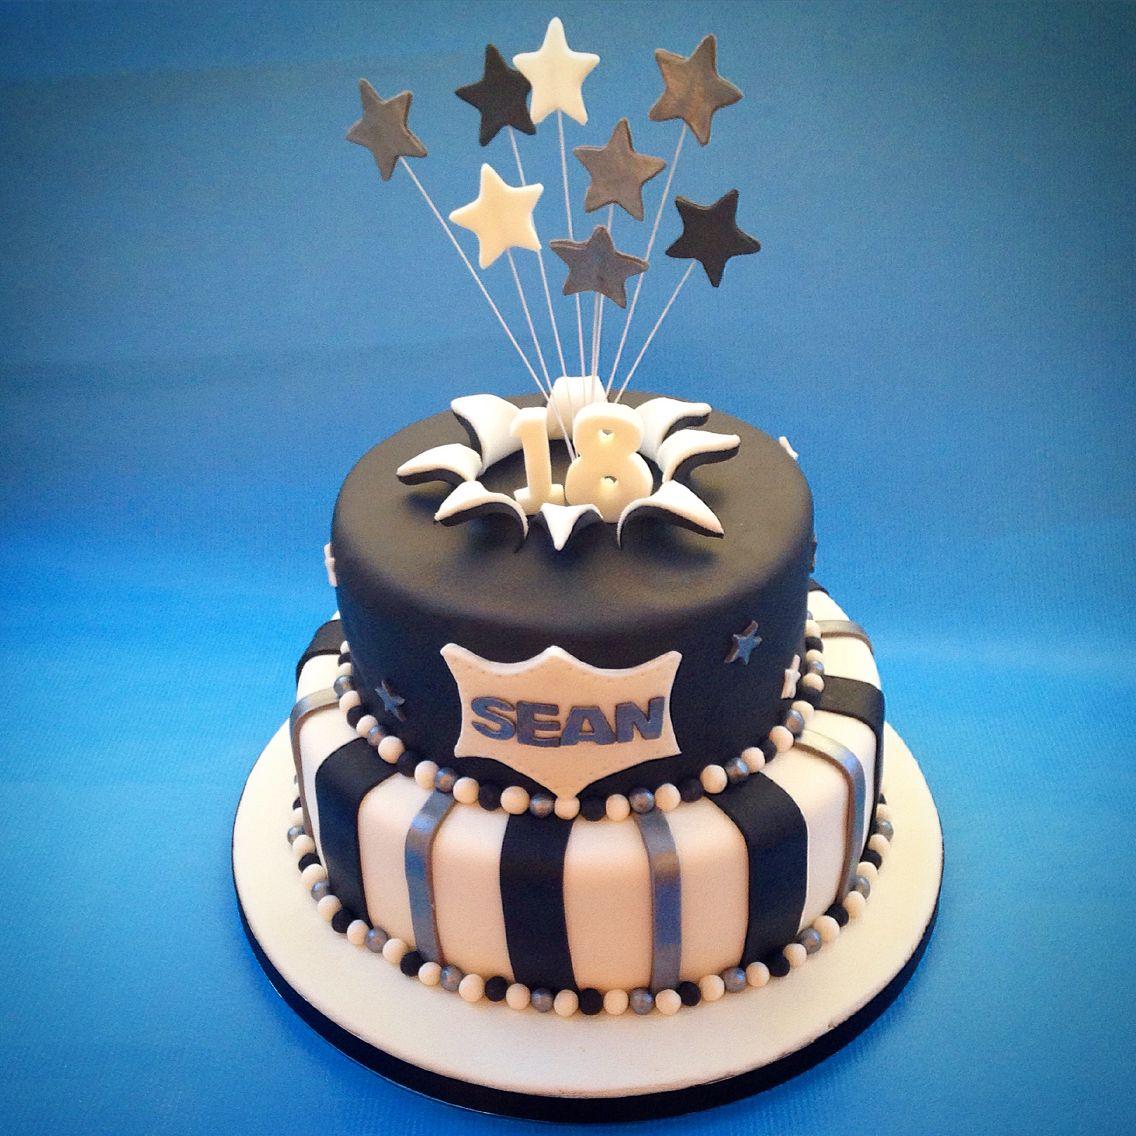 21St Birthday Cakes For Guys Male 18th Birthday Cake Wwwcaronscakerycouk Cakes Cupcakes